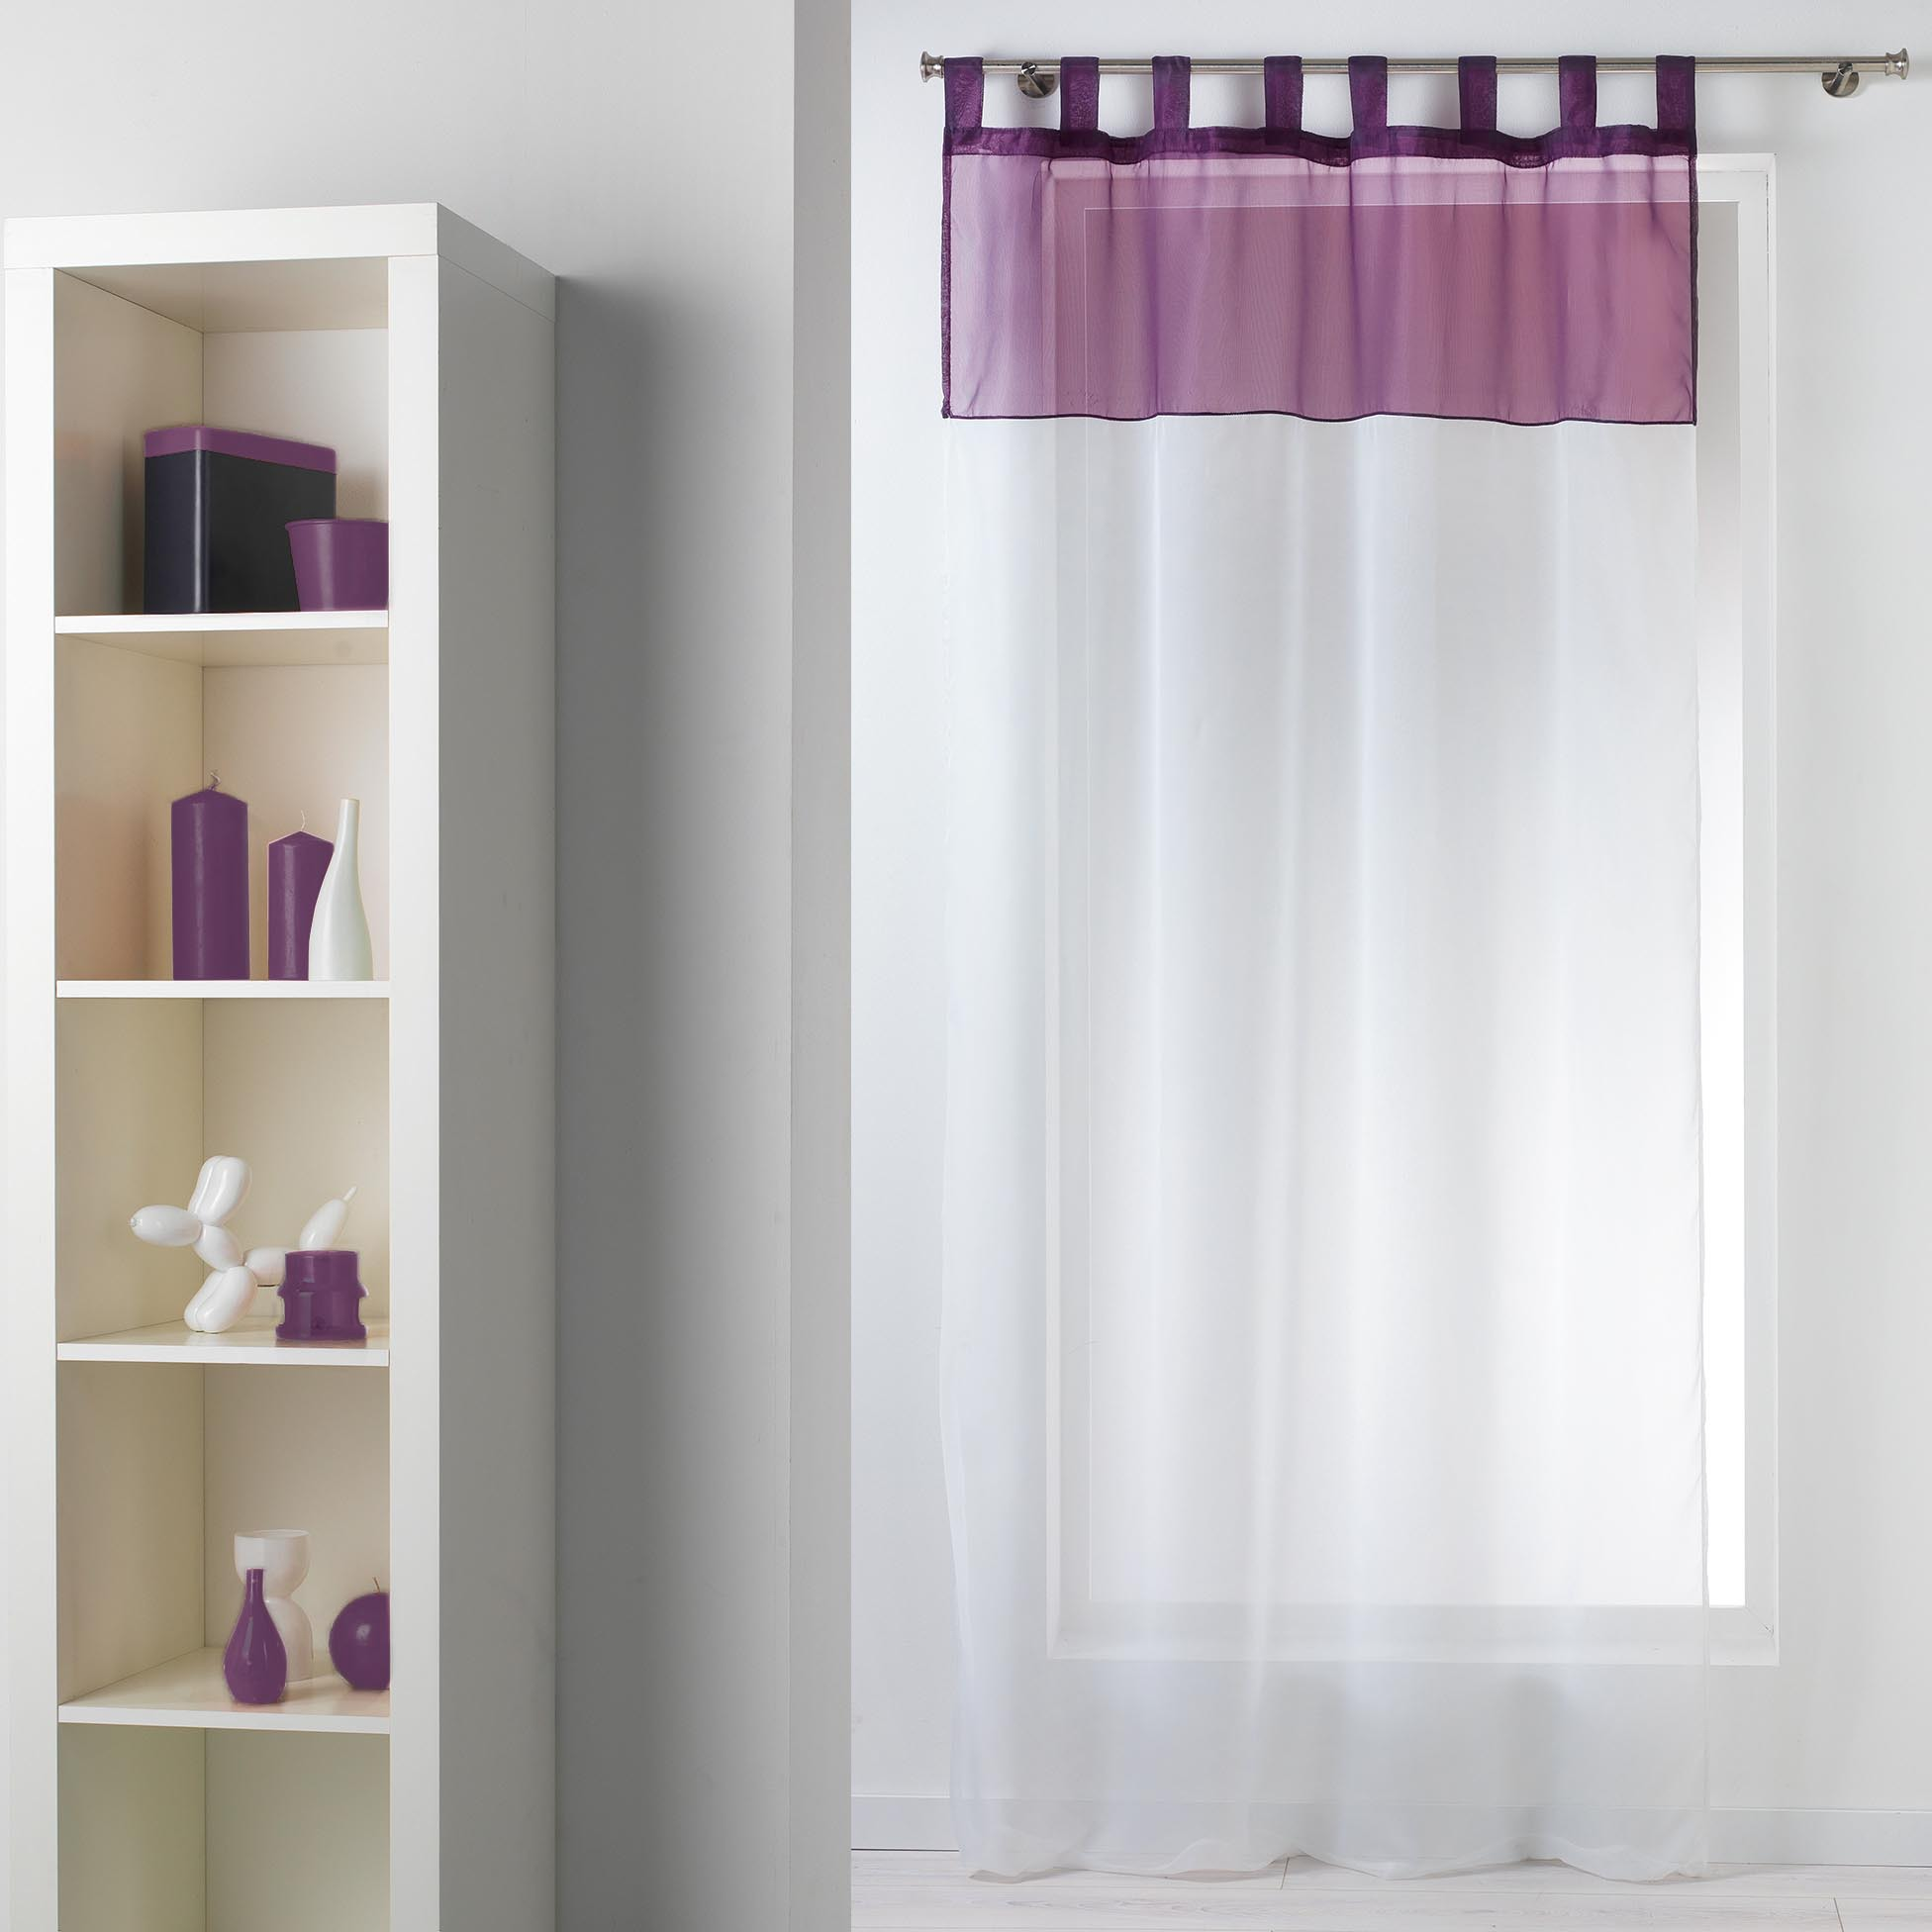 voilage bicolore passants aubergine noir taupe gris homemaison vente en ligne. Black Bedroom Furniture Sets. Home Design Ideas